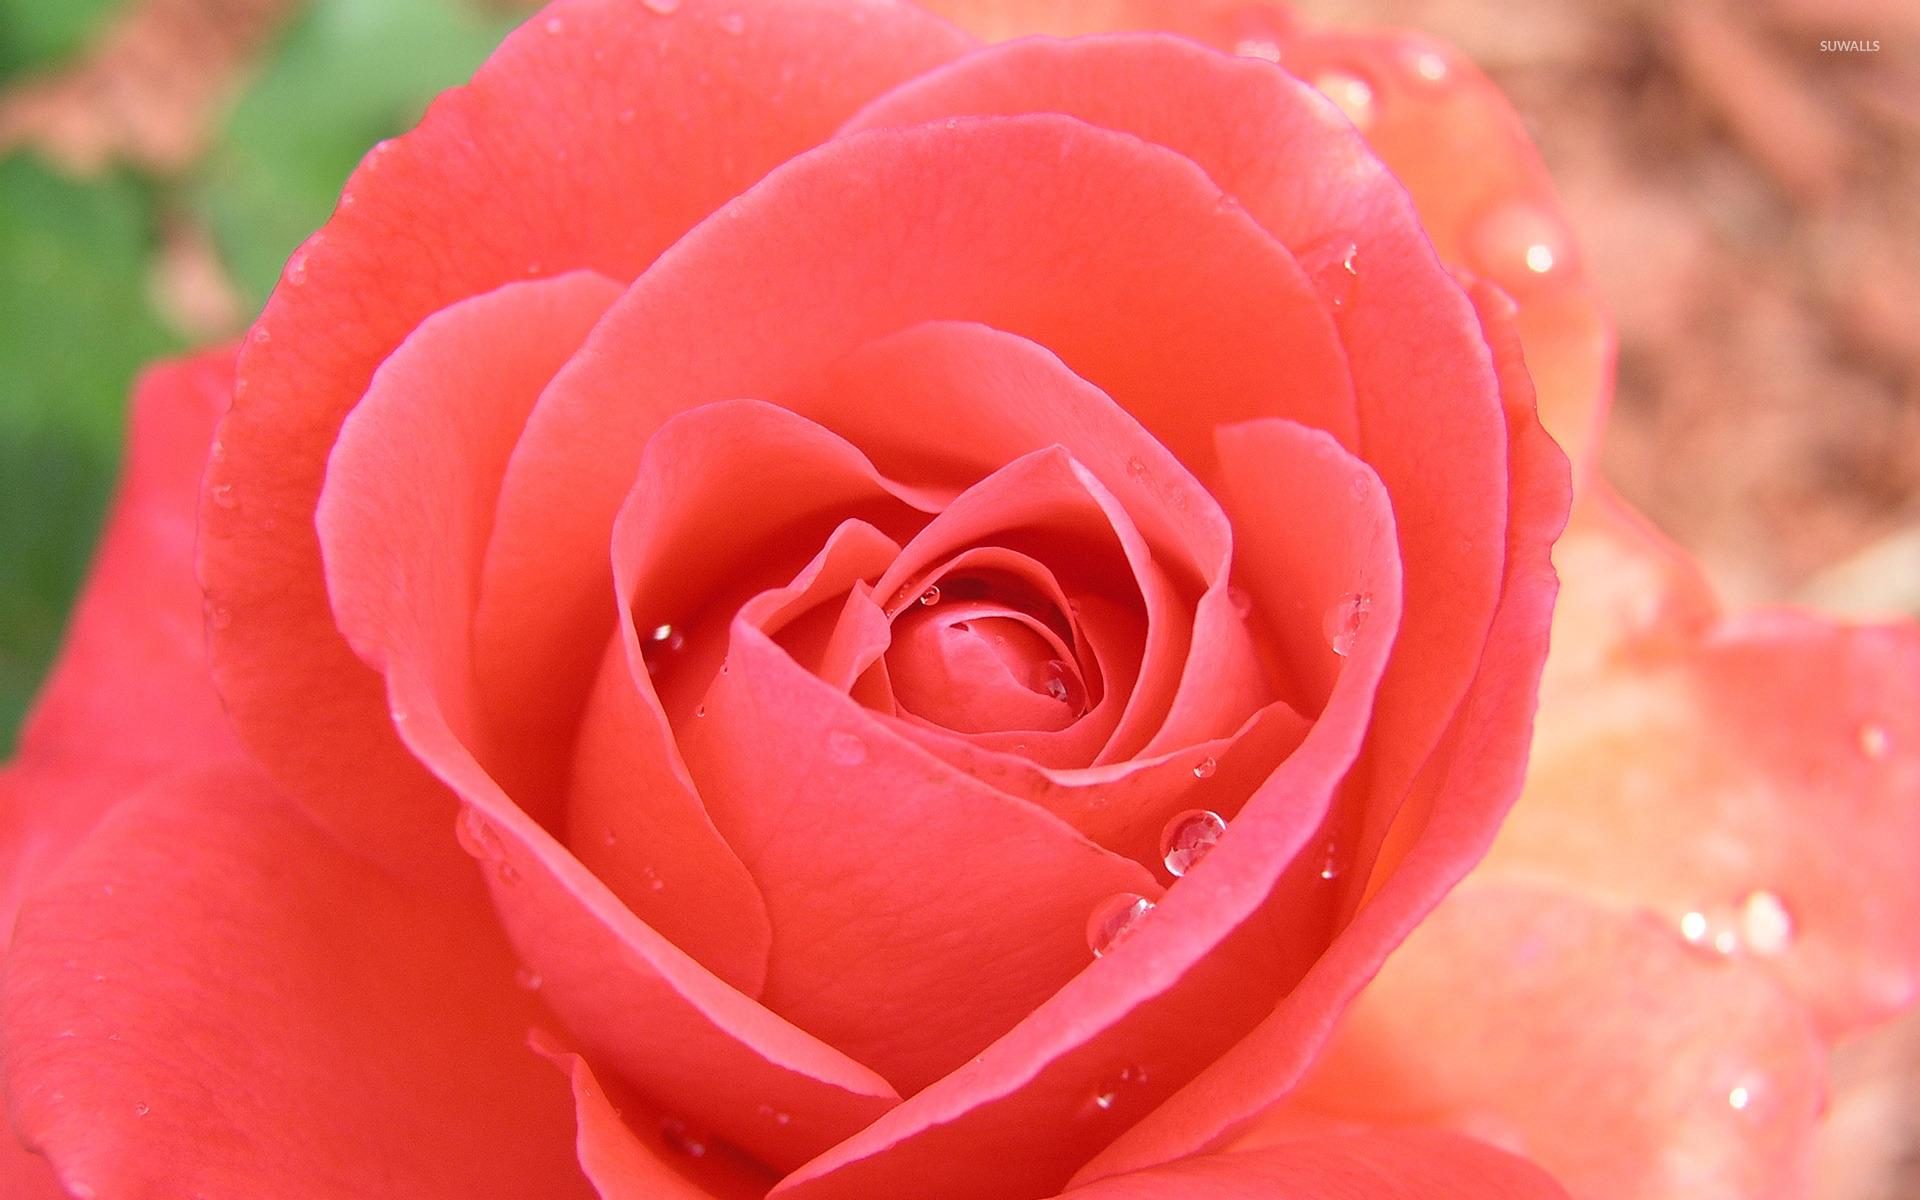 Rose With Water Drops Wallpaper Wallpapersafari